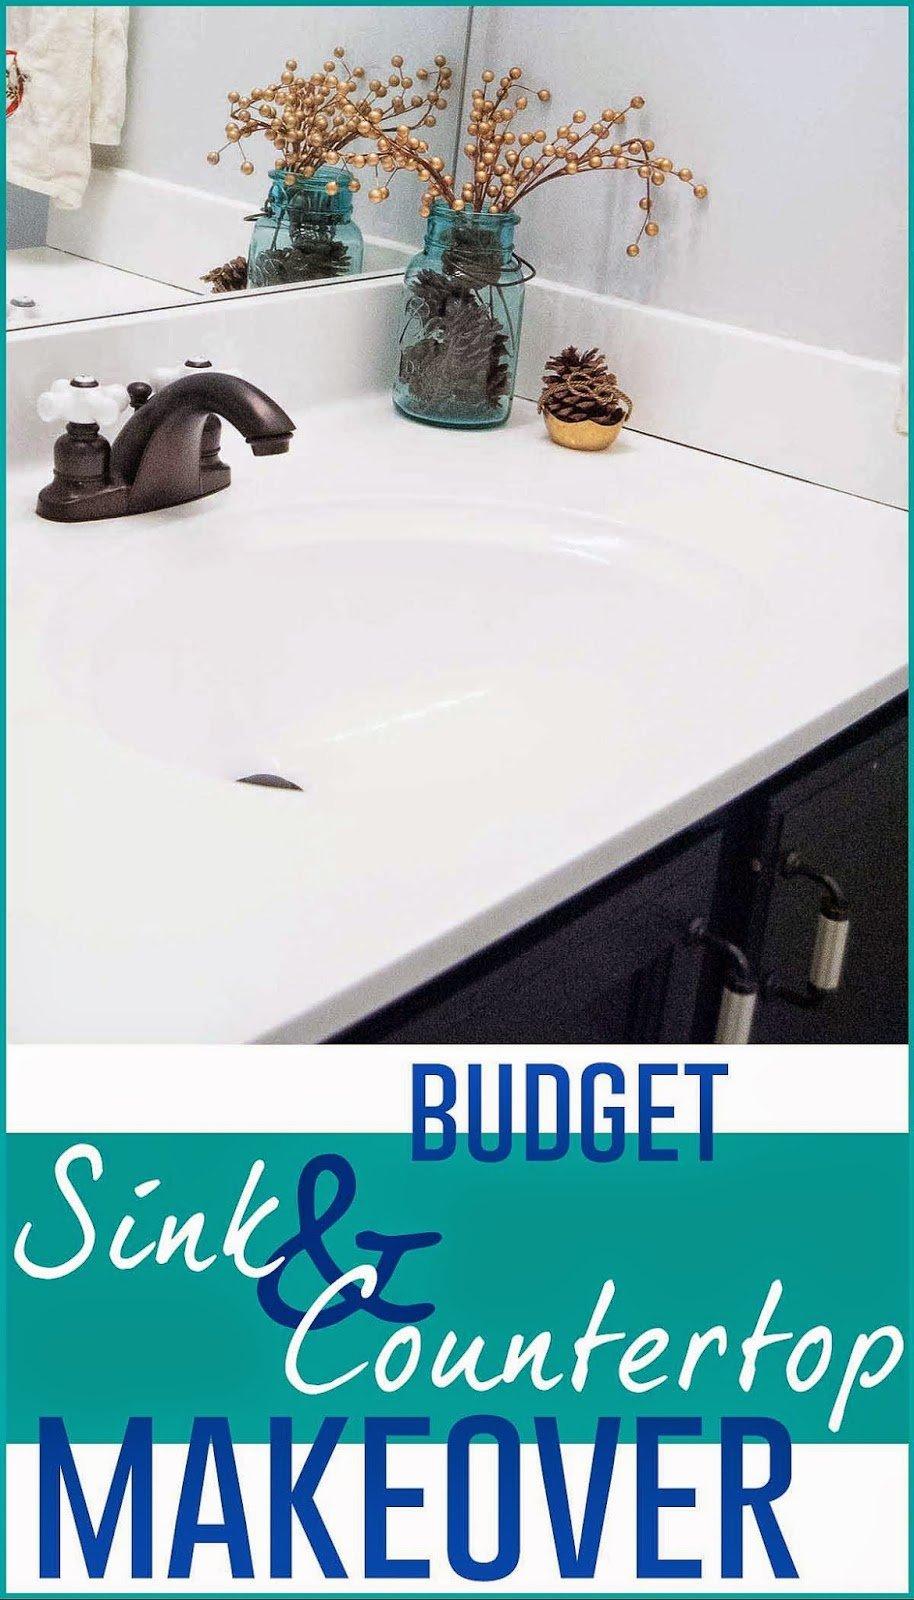 Painted Bathroom Countertops Remodelaholic Painted Bathroom Sink And Countertop Makeover